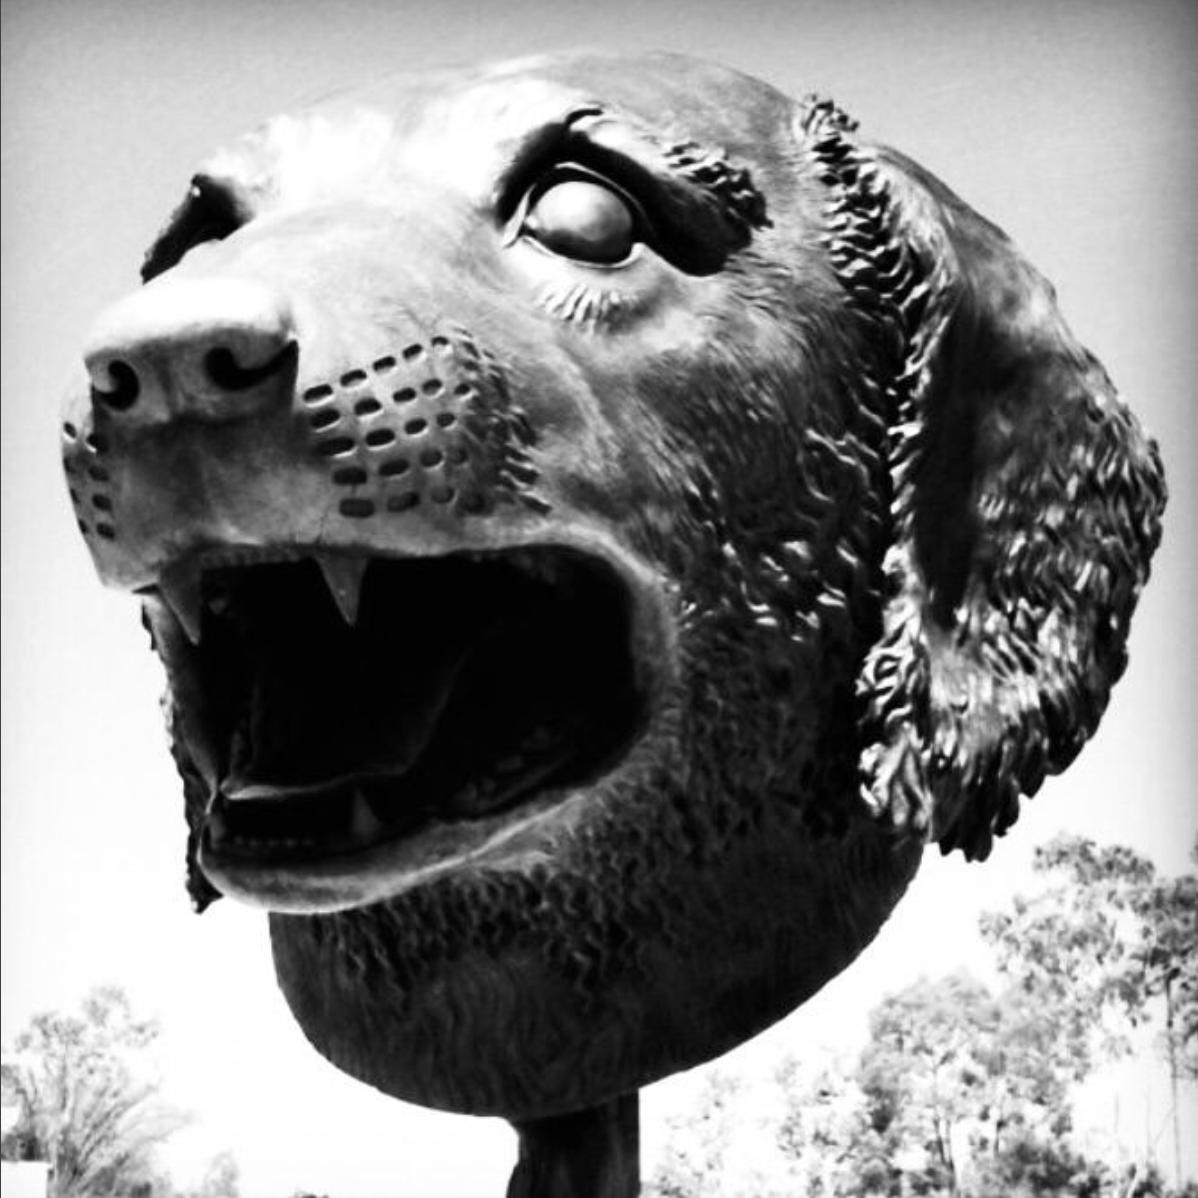 CIRCLE OF ANIMALS/ZODIAC HEADS by Ai Weiwei